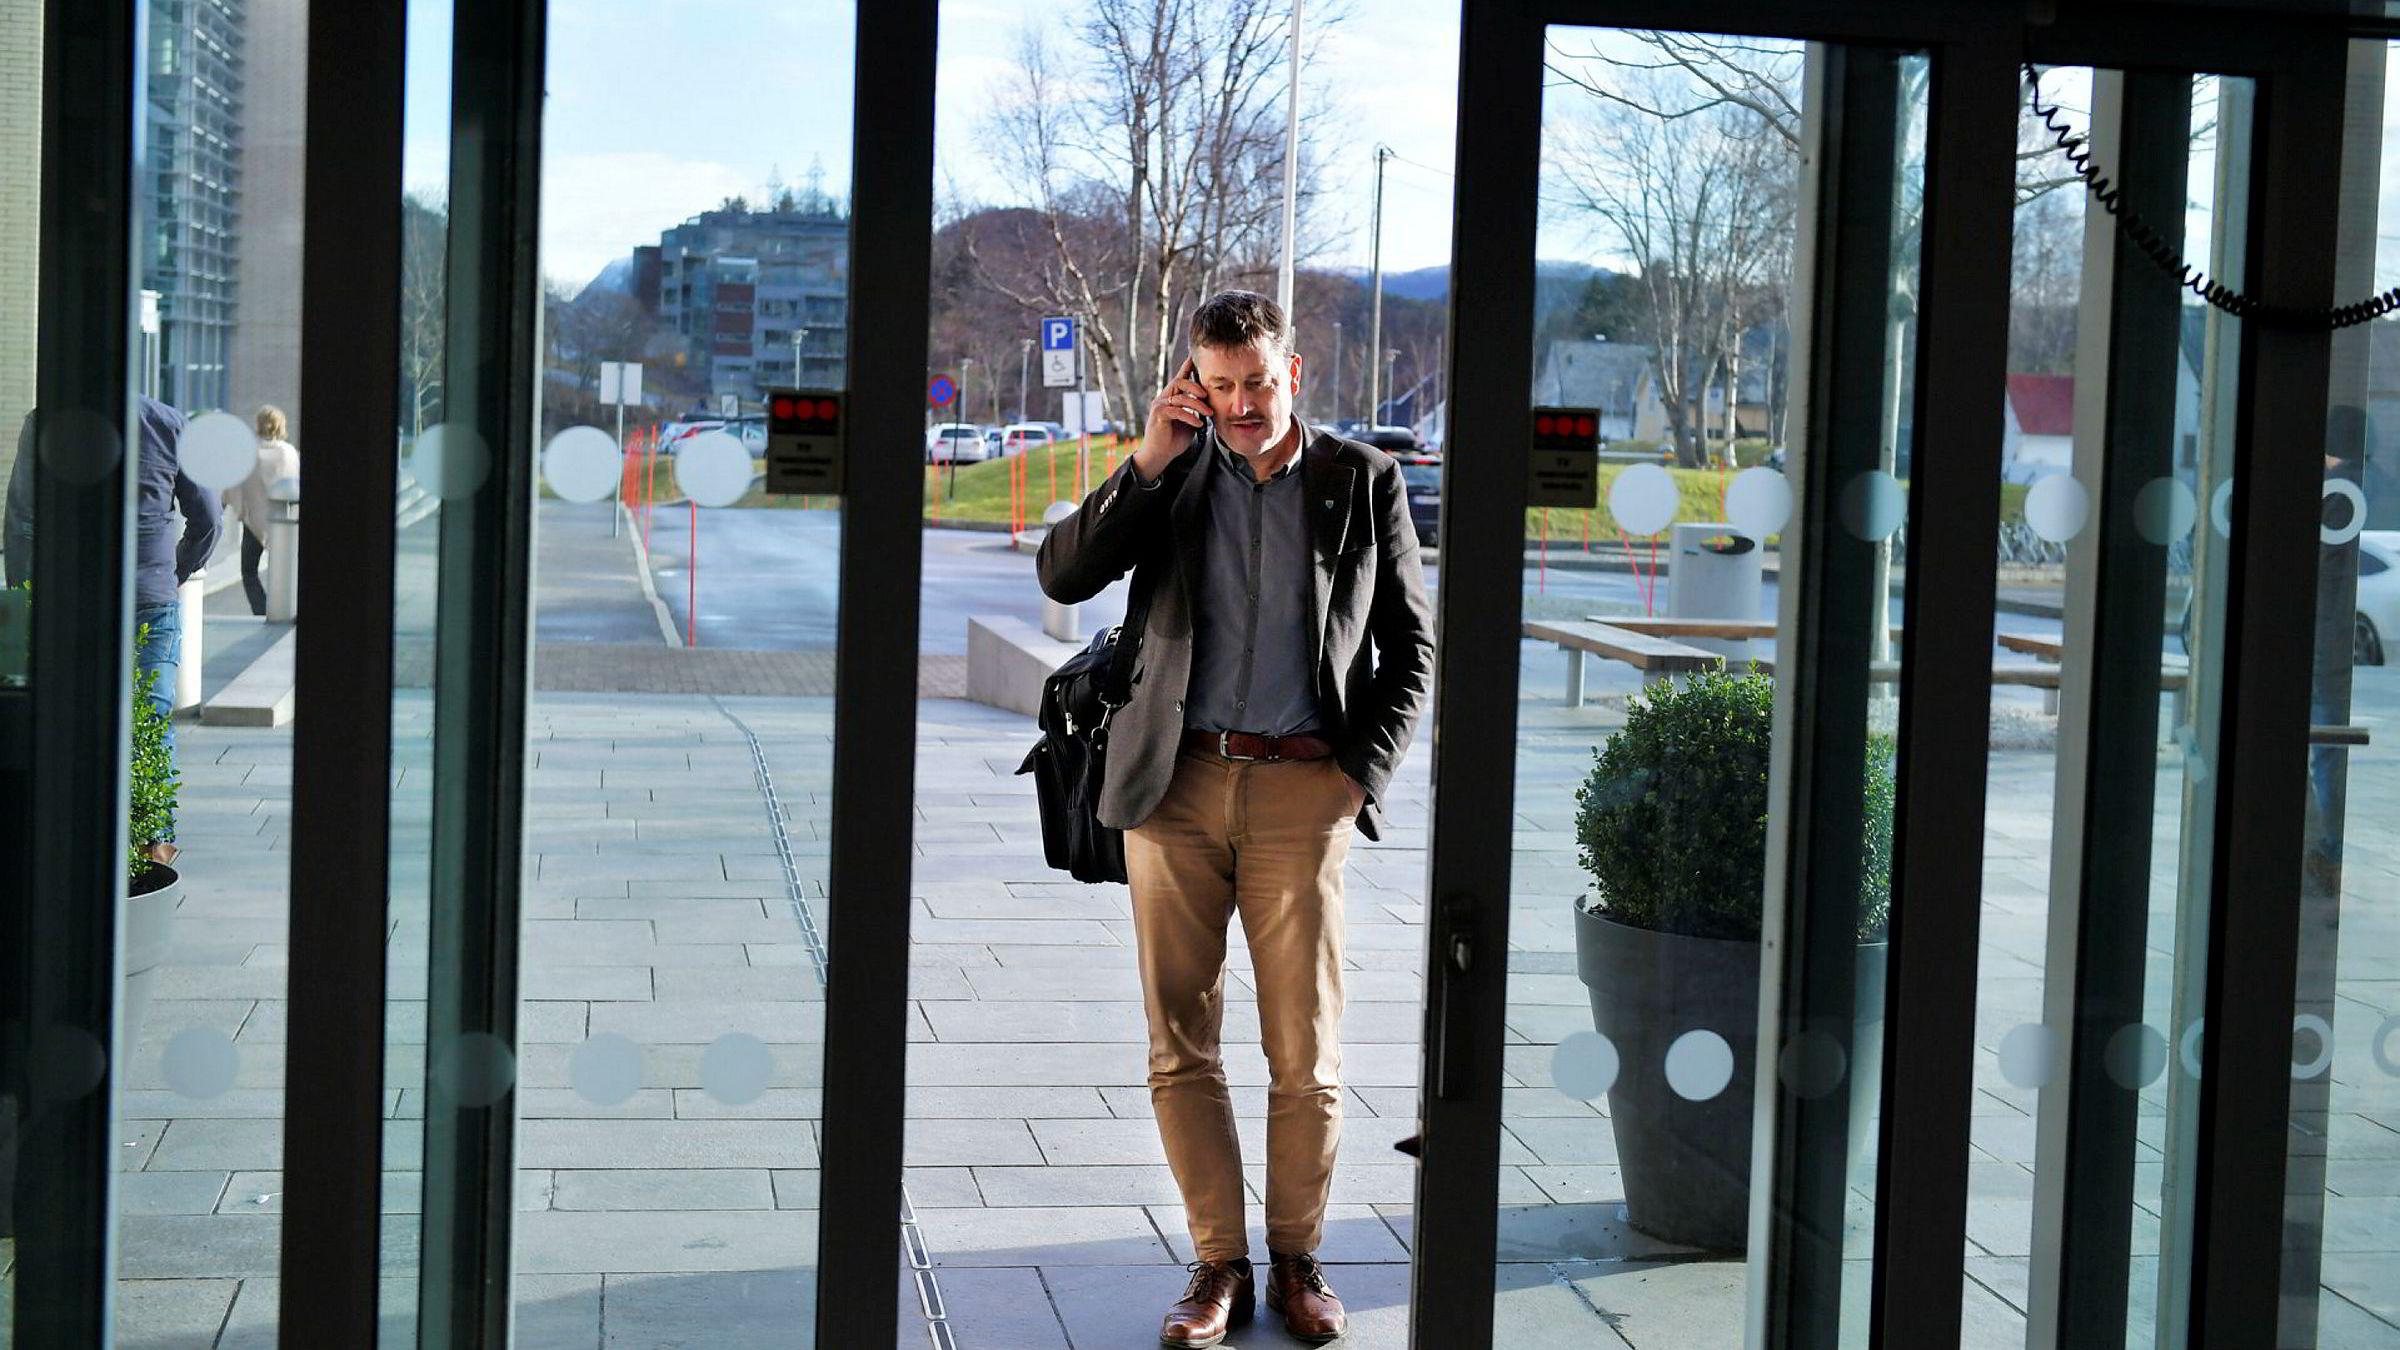 Haram-ordfører Vebjørn Krogsæter var onsdag på møte i Ålesund om byregionsamarbeid med Ålesund og en rekke omegnskommuner. – Det er et godt samarbeid om å styrke Ålesund, sier han. Men tvangssammenslåingen Haram-Ålesund, betakker han seg for.